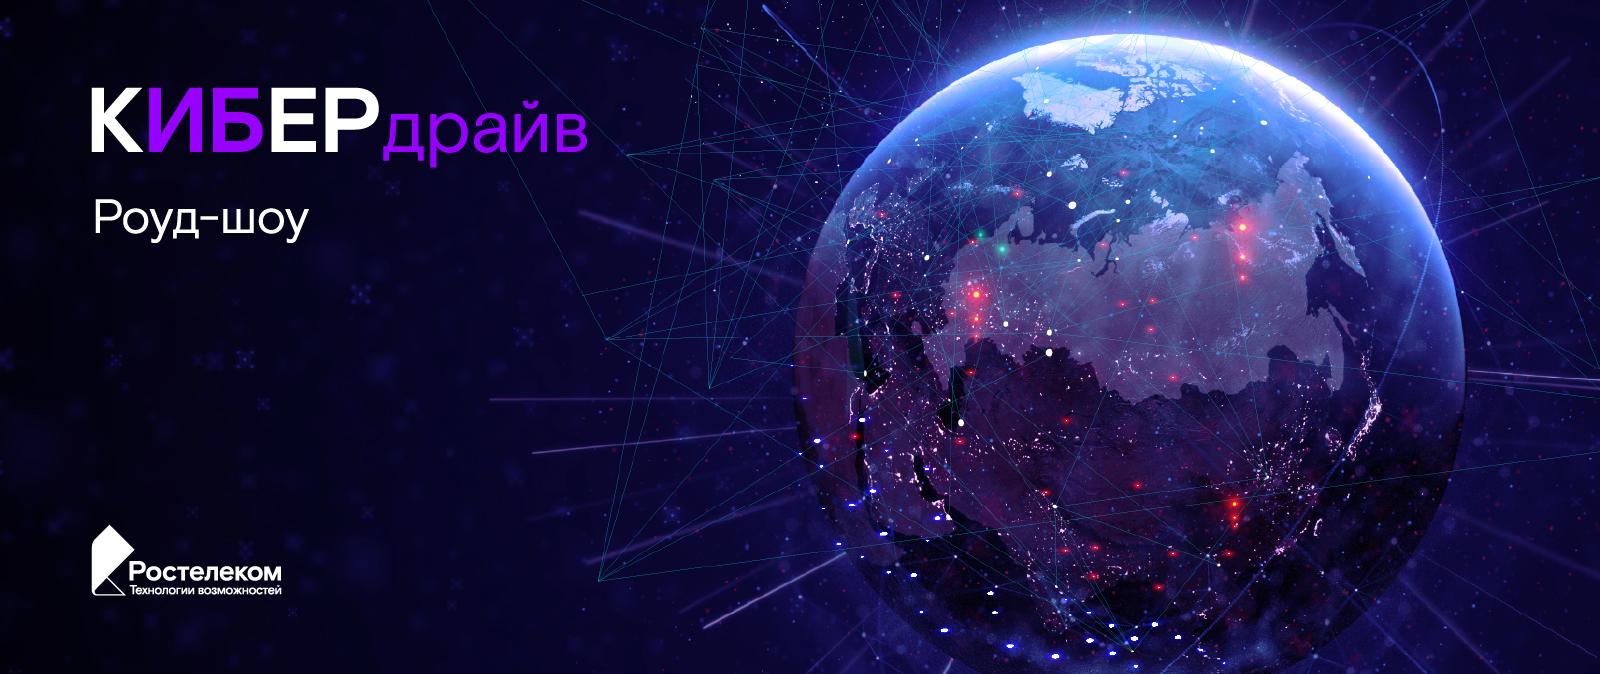 «Ростелеком» в Ярославле проведет обучающее мероприятие по информационной безопасности